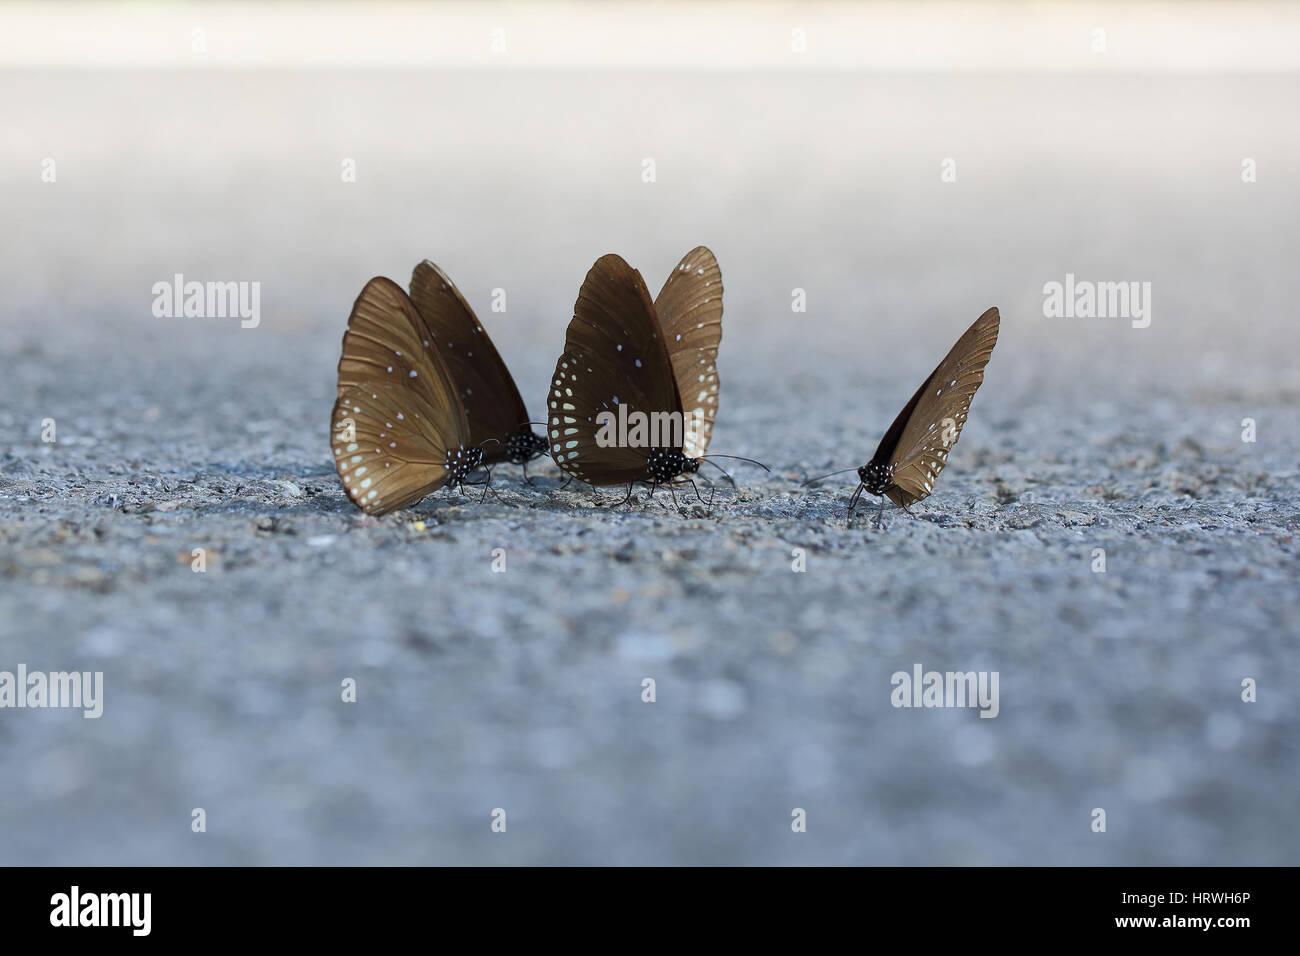 El enfoque selectivo de mariposa oscura en el camino. Foto de stock